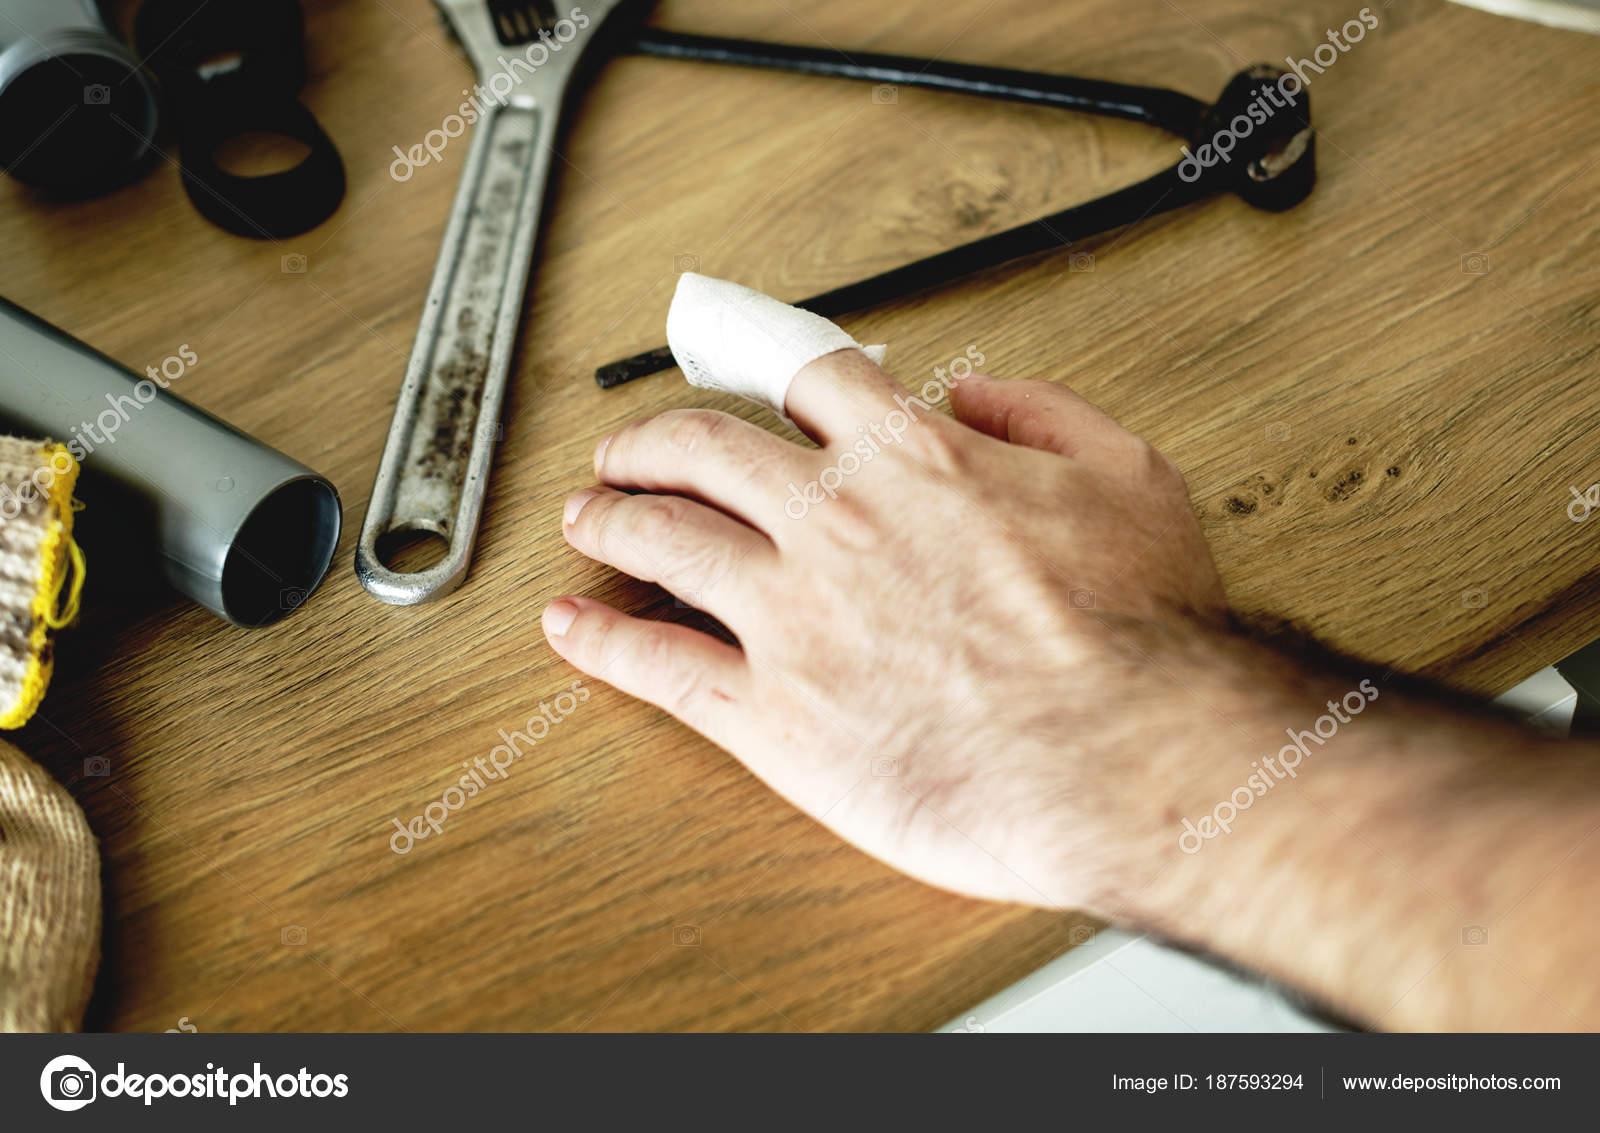 Persone con concetto sicurezza casa u2014 foto stock © rawpixel #187593294